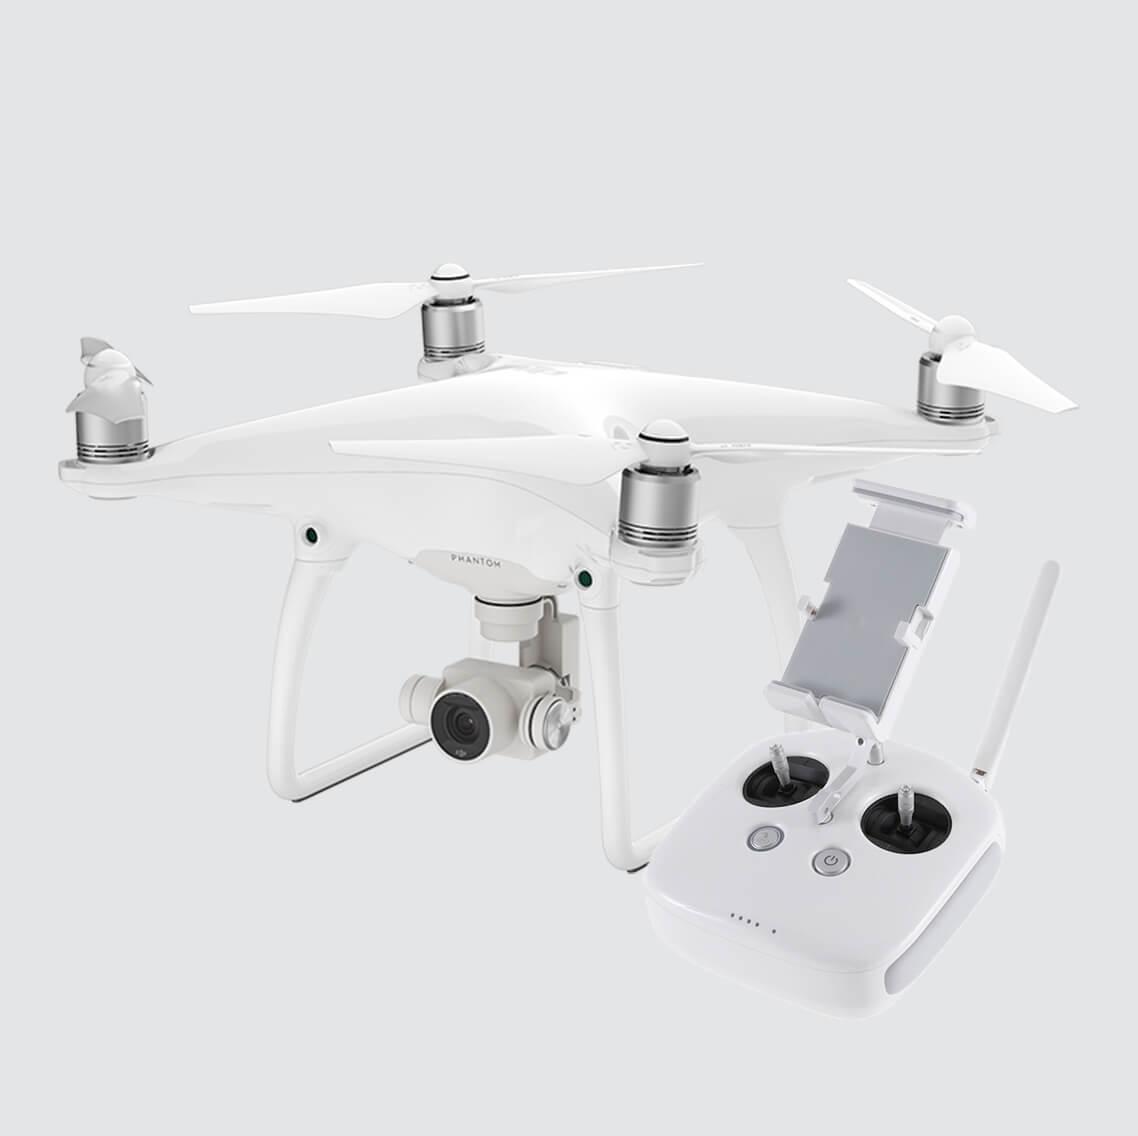 DJI Phantom 4 Advanced 1-inch 20MP sensor